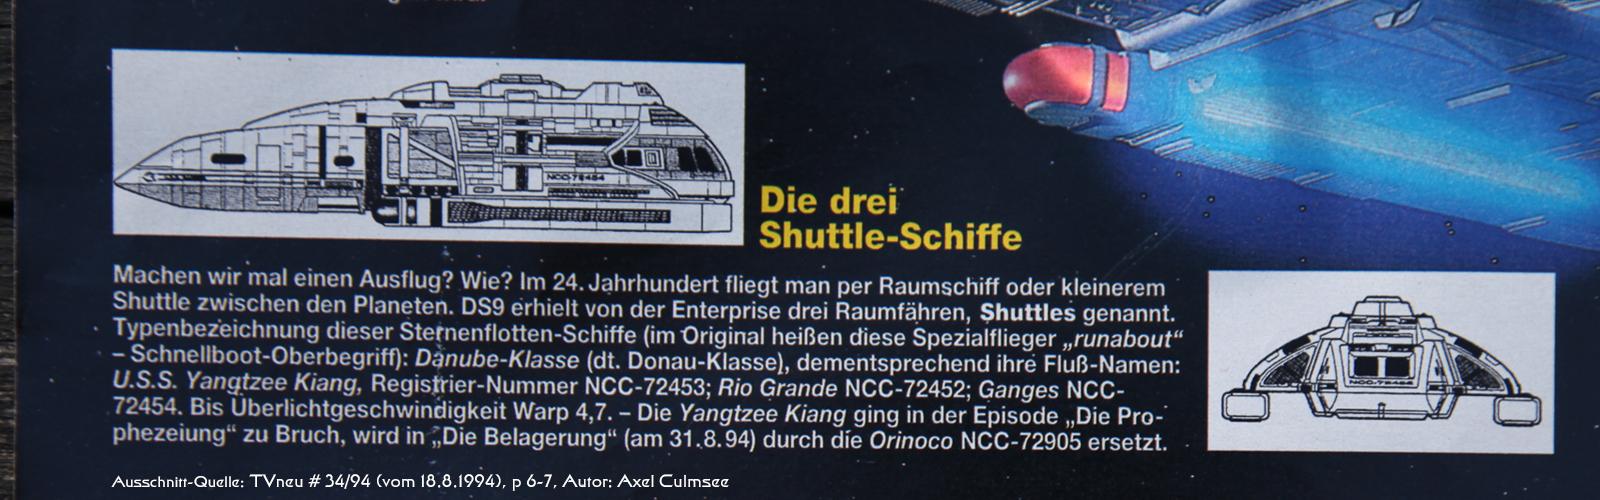 DS9-Artikel in TVneu 34-1994 Ausschnitt Shuttles